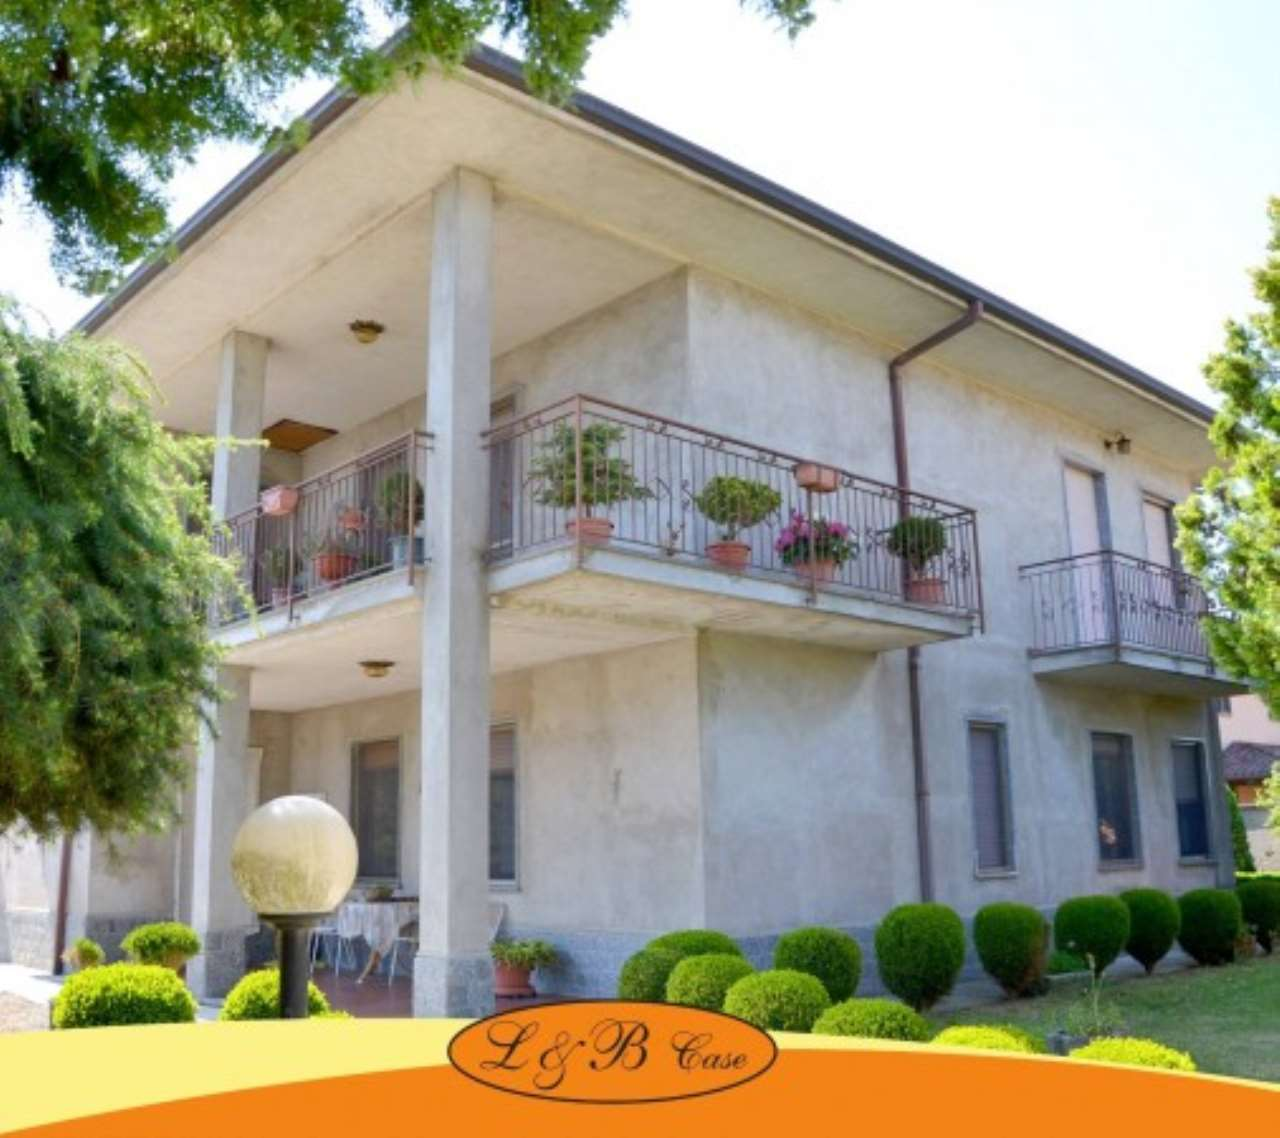 Villa in vendita a Villata, 6 locali, prezzo € 265.000   Cambio Casa.it